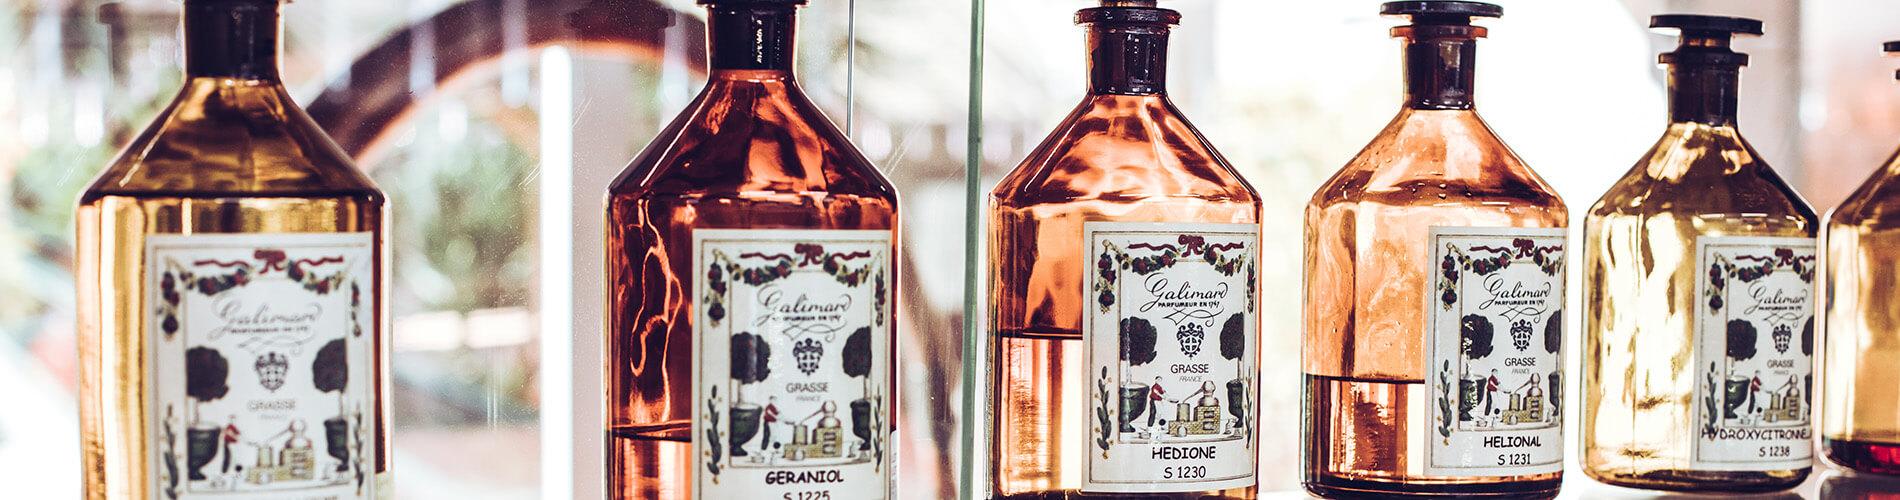 Flacons de fragrances - Galimard parfumeur à Grasse